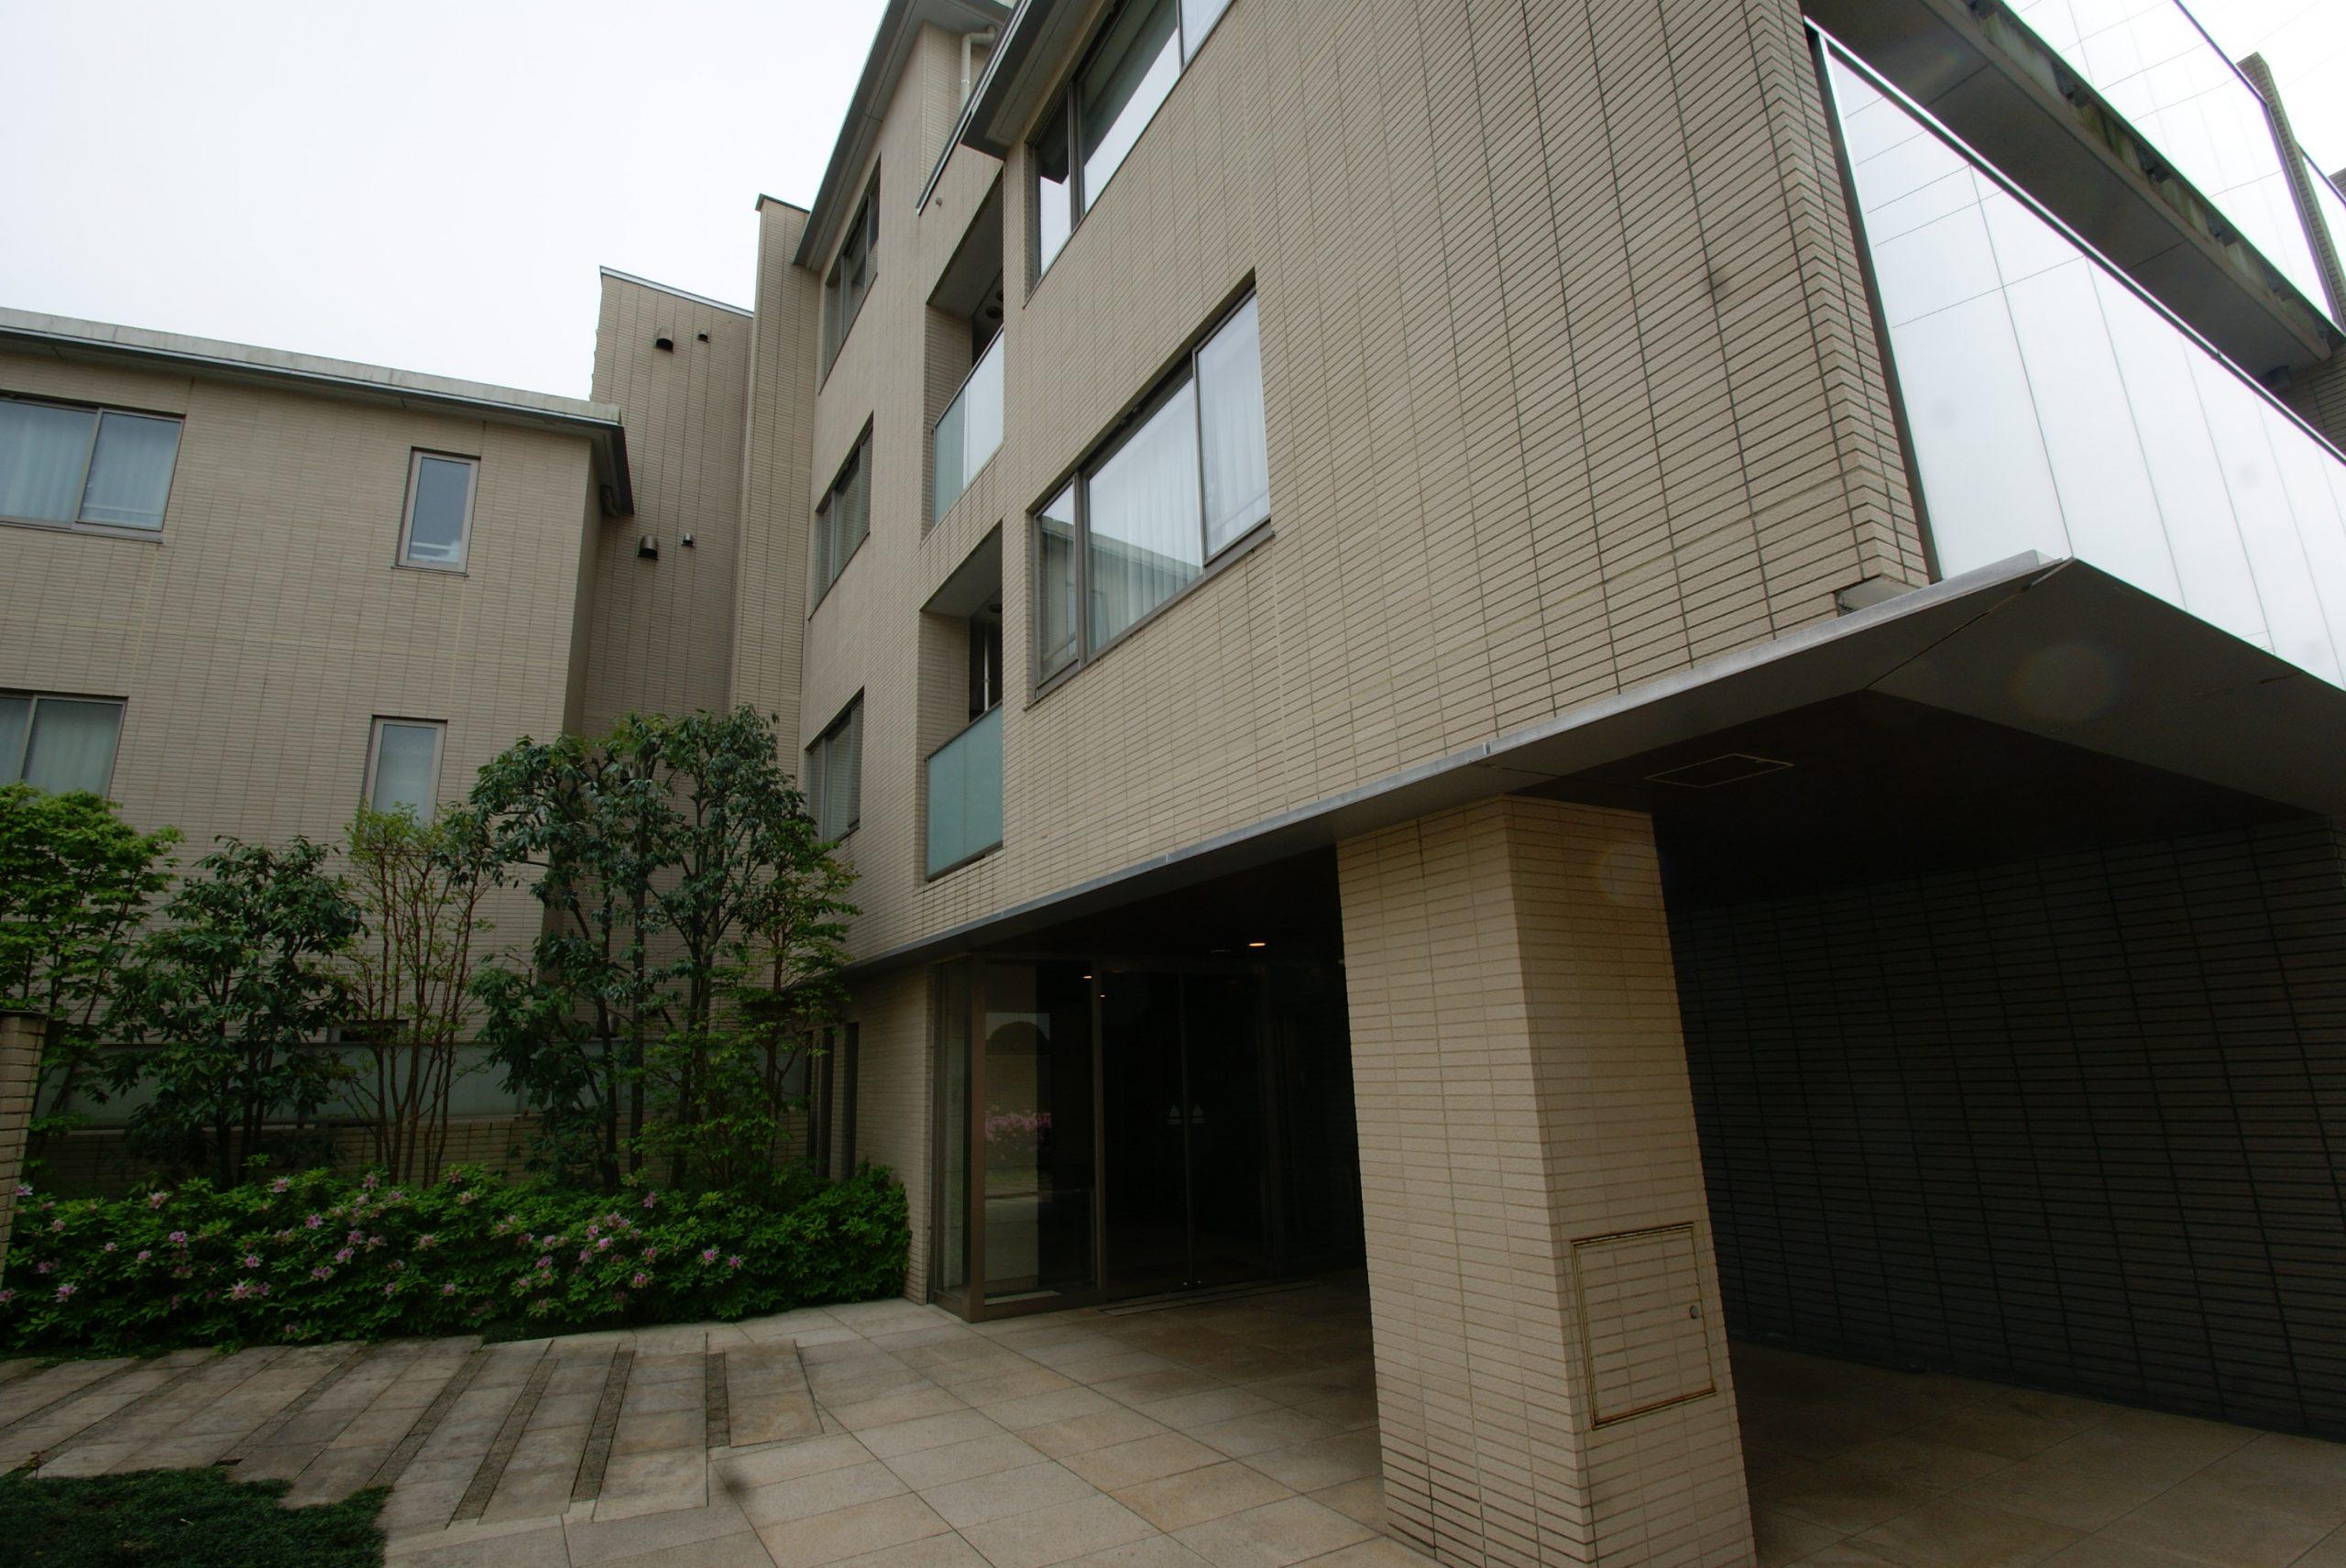 ディアクオーレ成城 の写真3